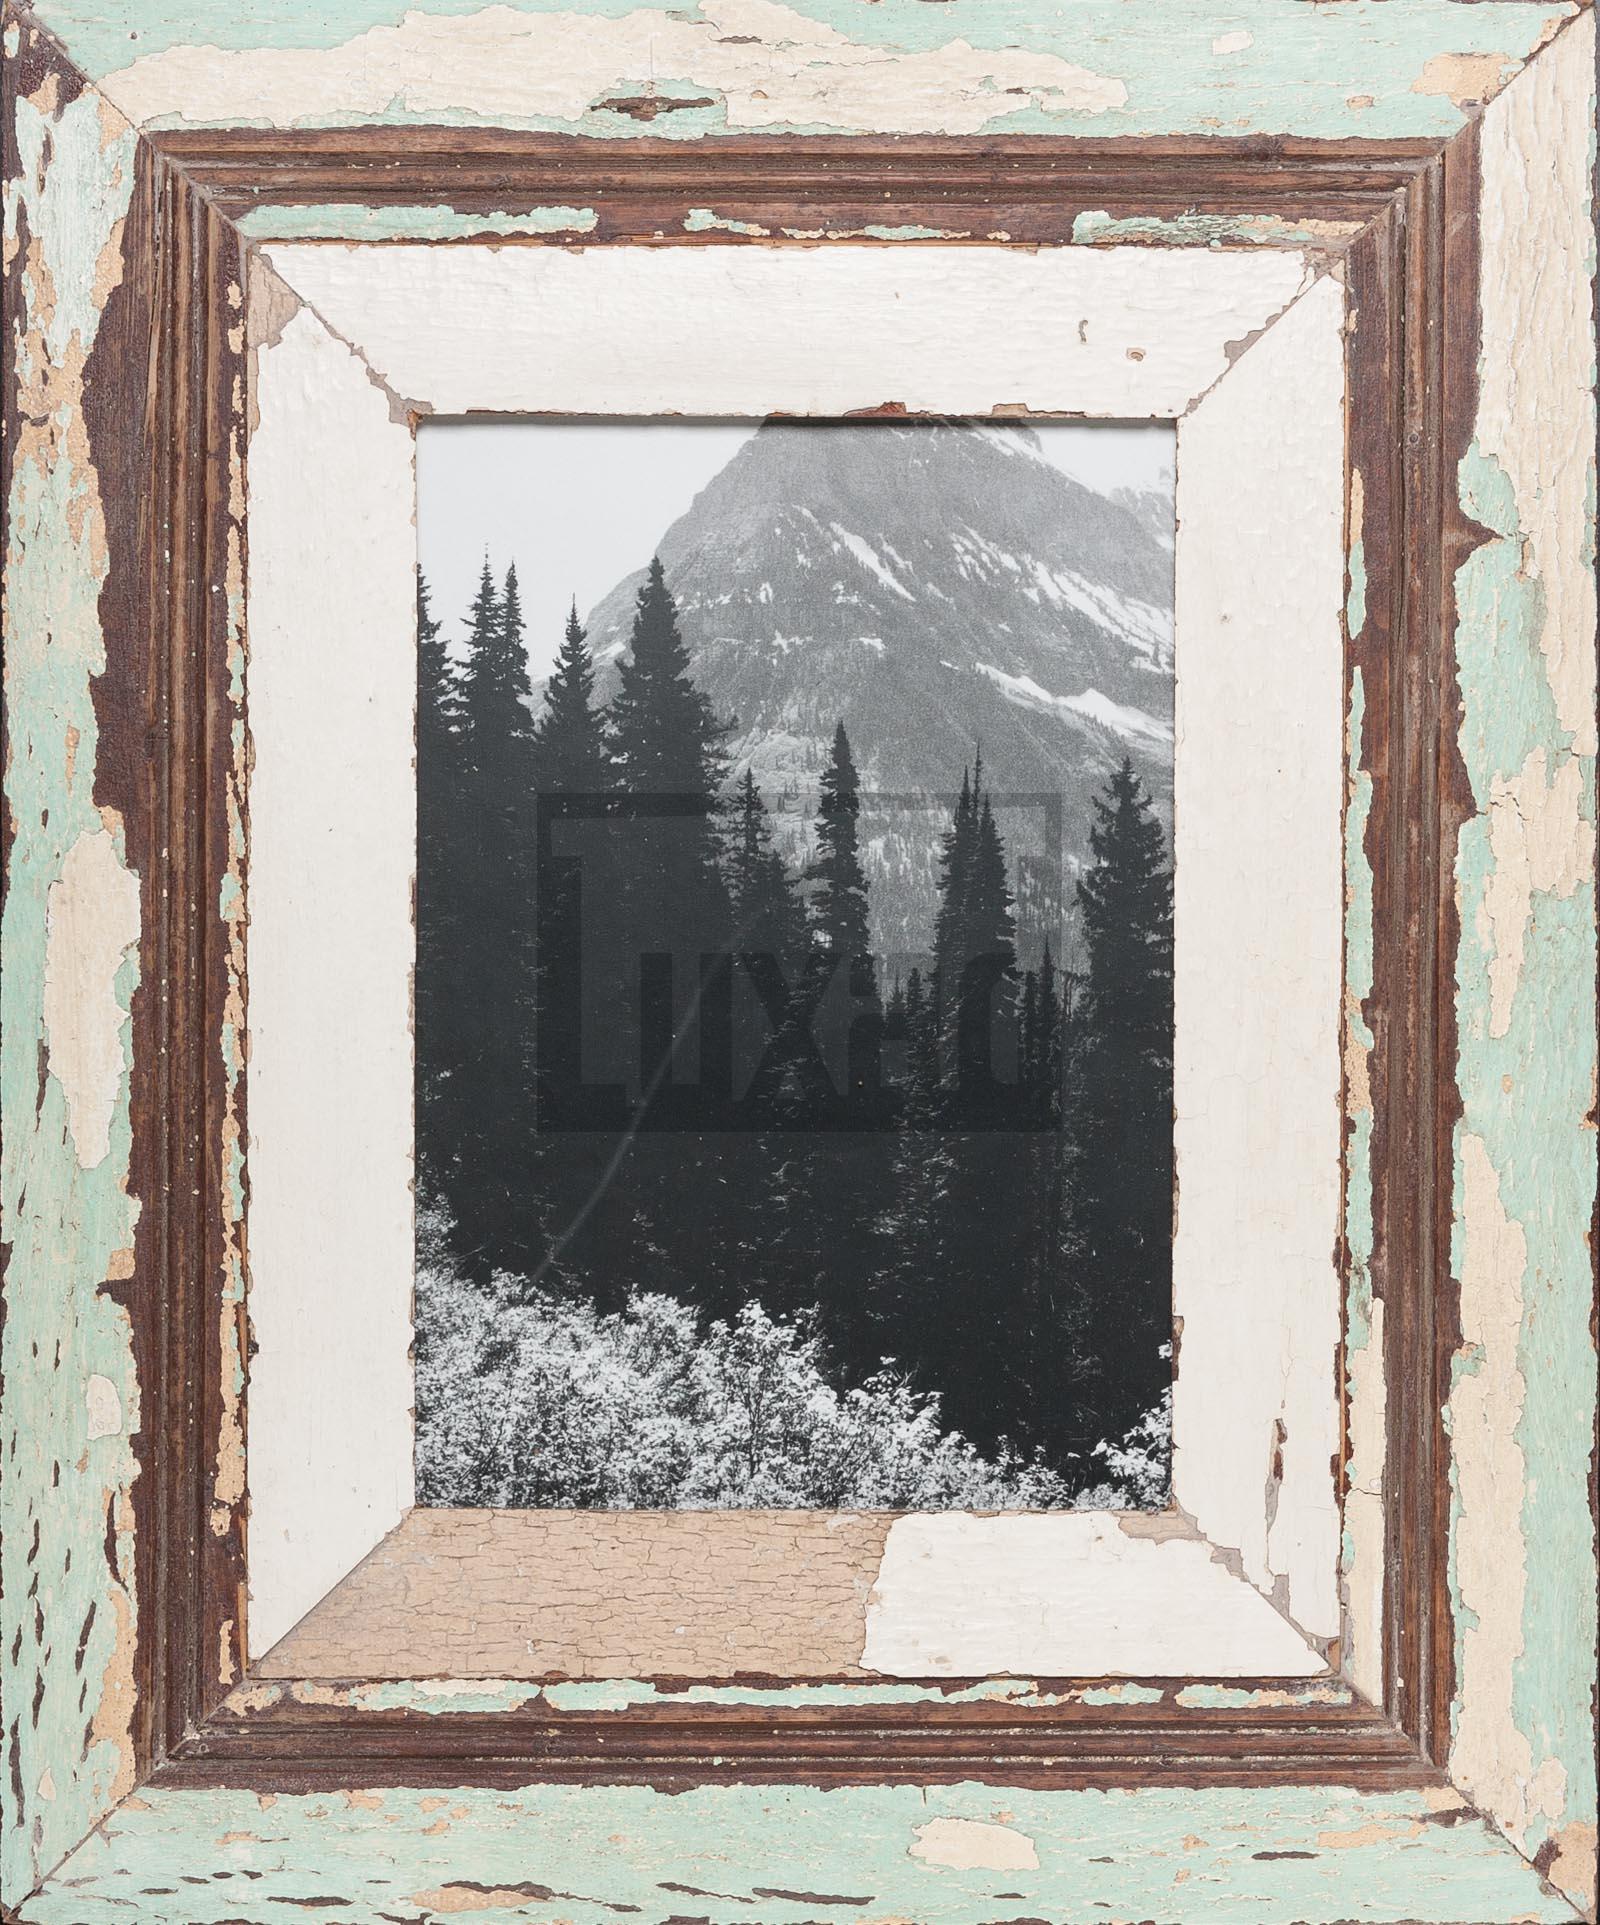 Vintage-Bilderrahmen mit breitem Rand für ca. 23 x 32 cm Bildformat